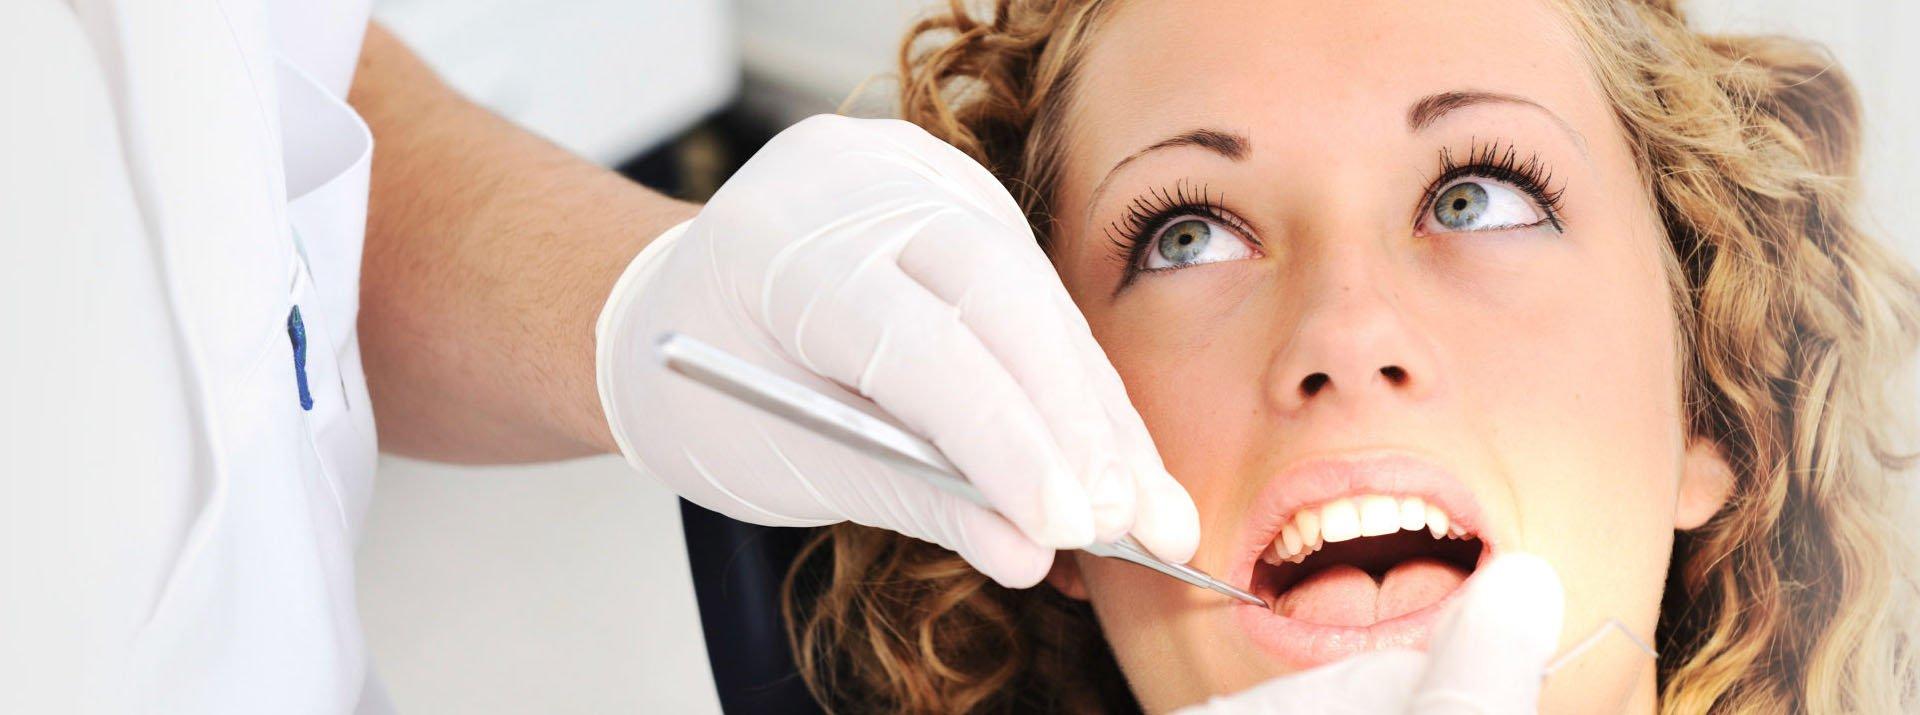 Профессиональная чистка зубов за 2500 руб. - Акция!